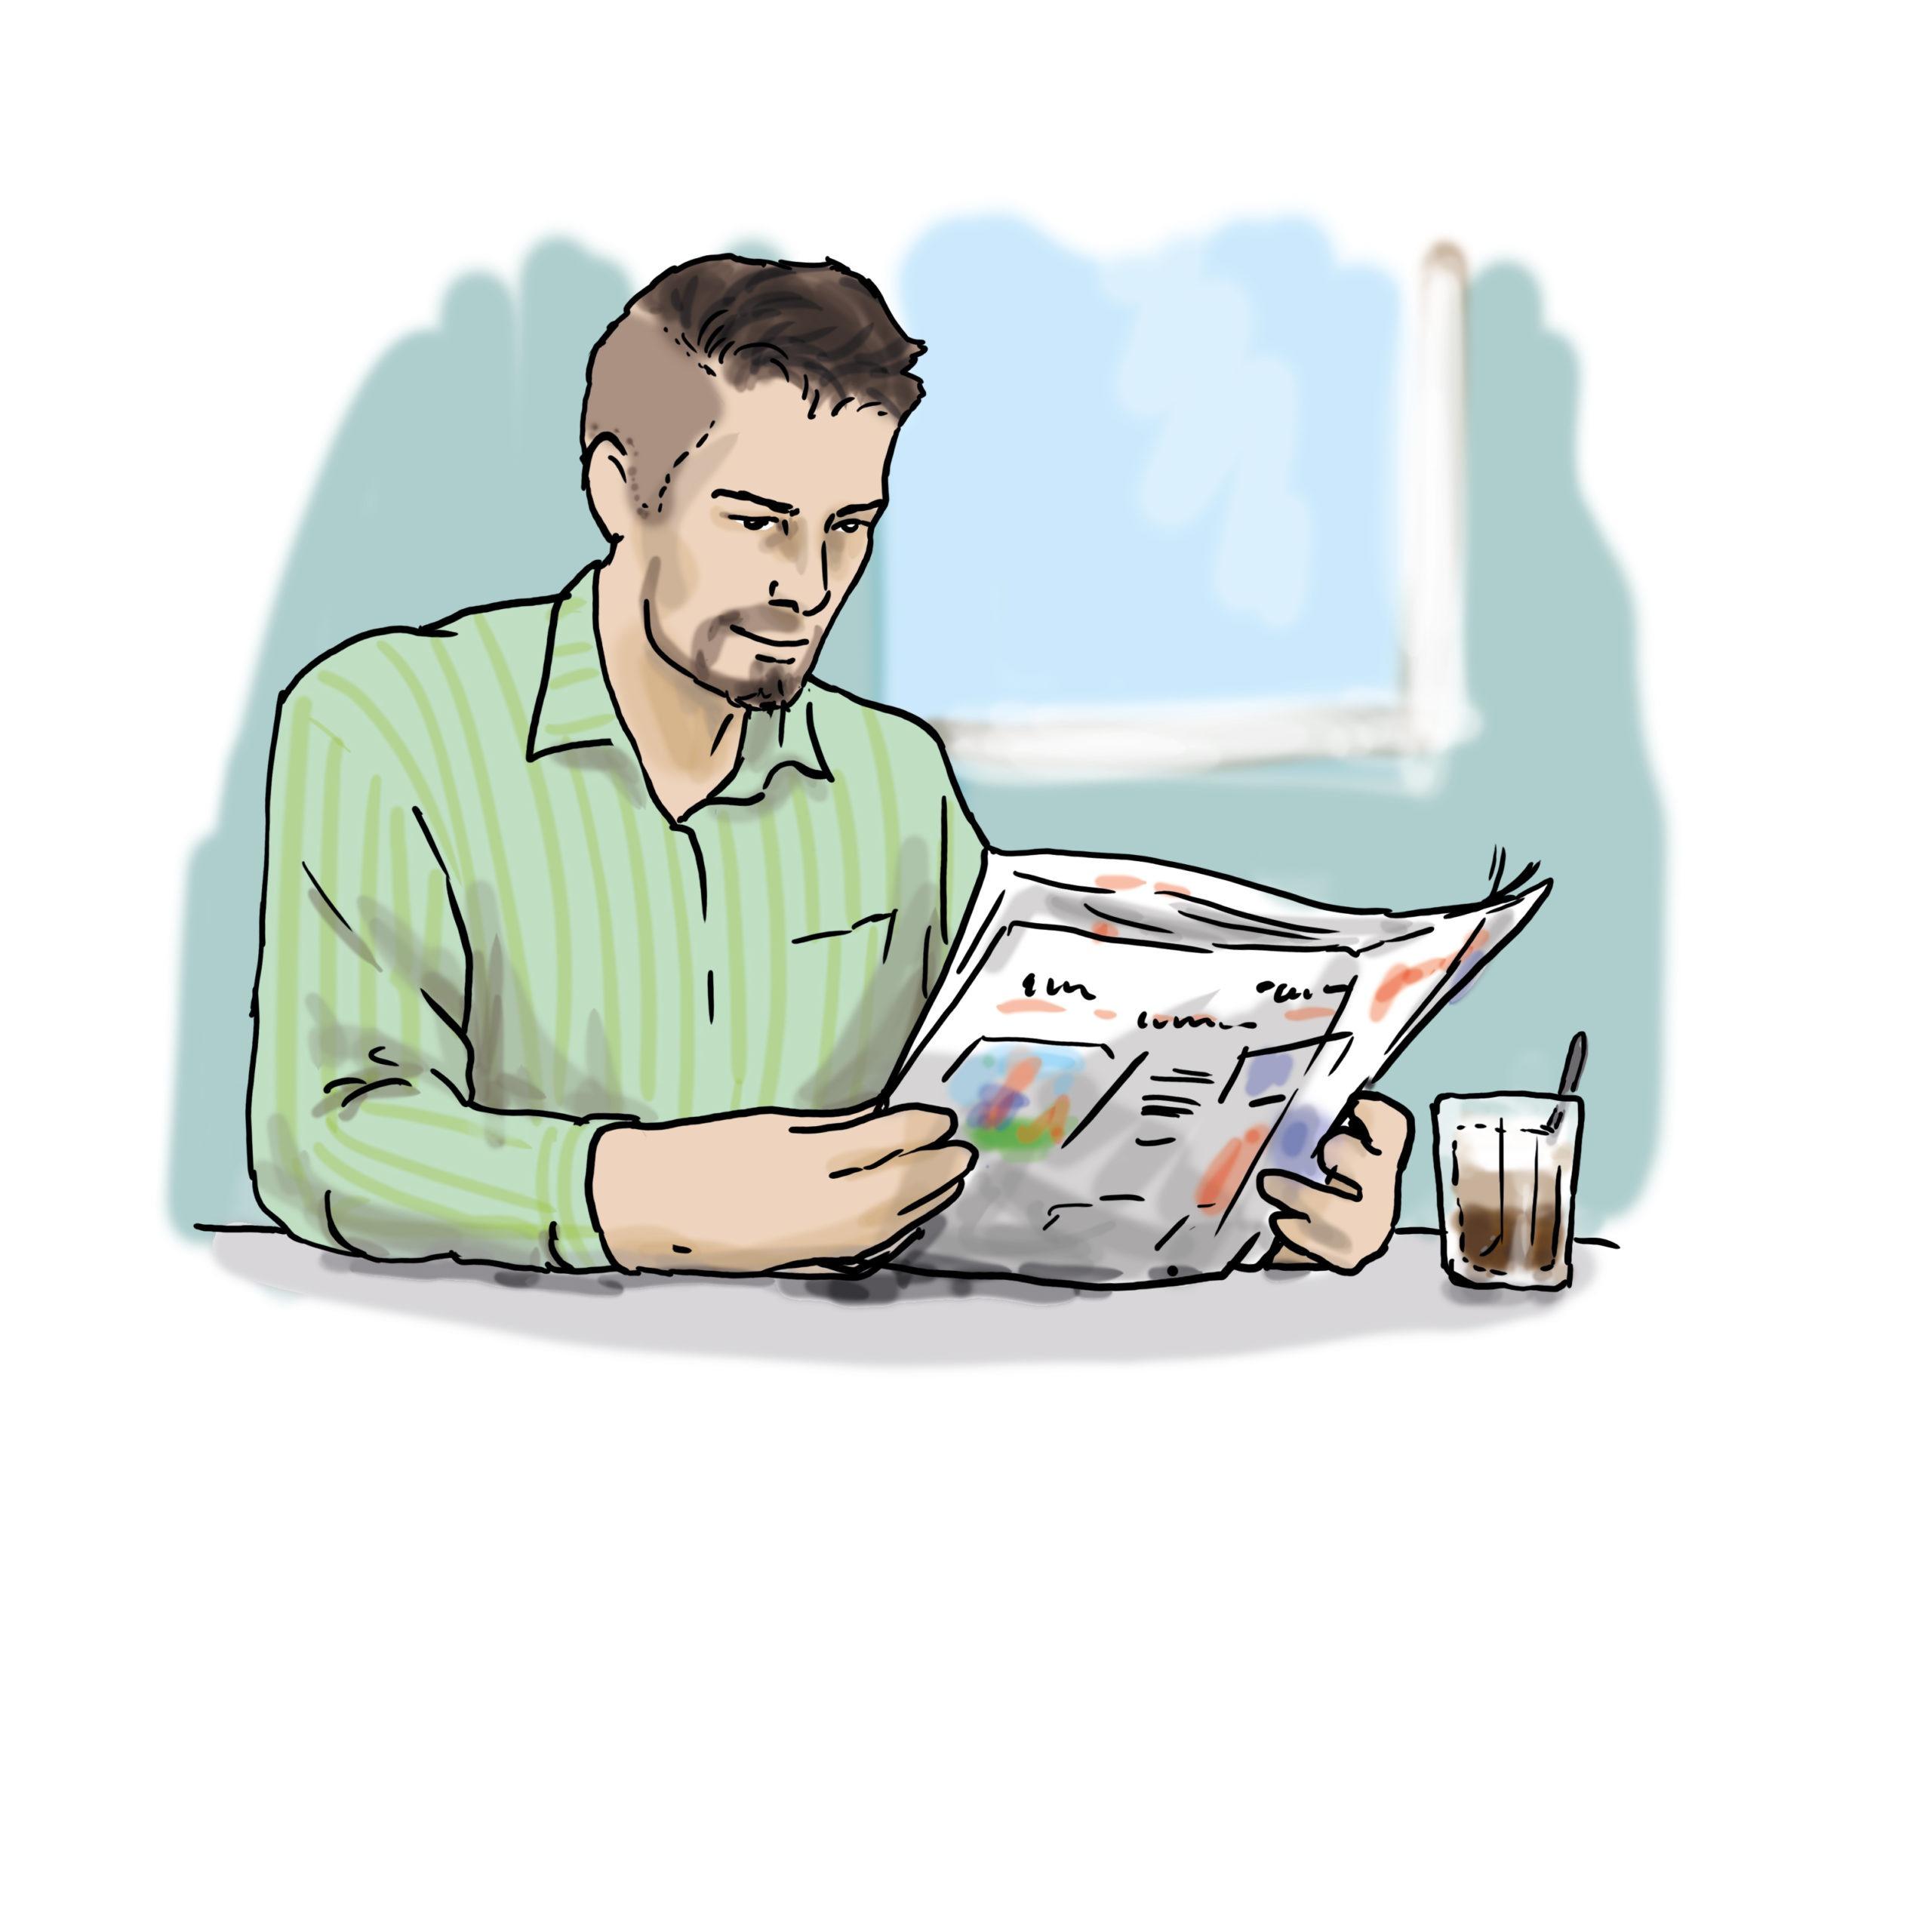 Das Bild zeigt einen Mann, der Zeitung liest.